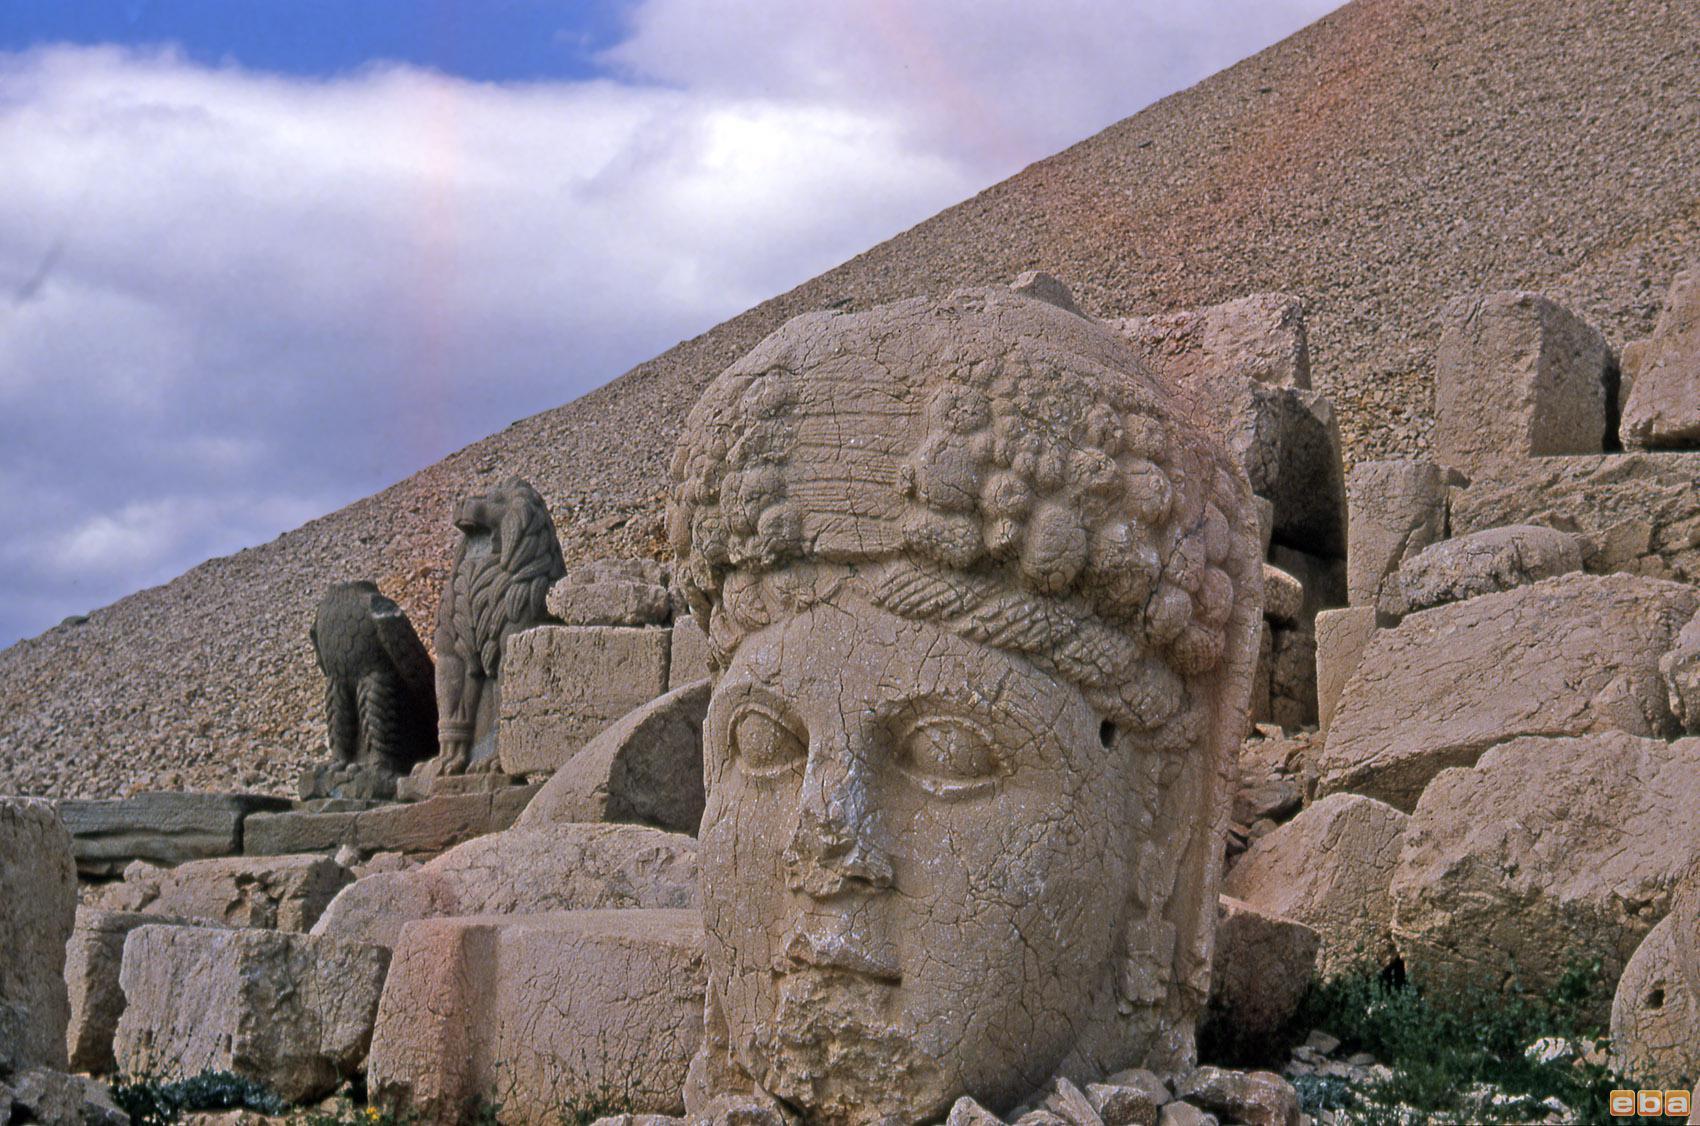 Nemrut Dağı, Adıyaman, 1973 - 19 Aralık 2013  Görsel ...